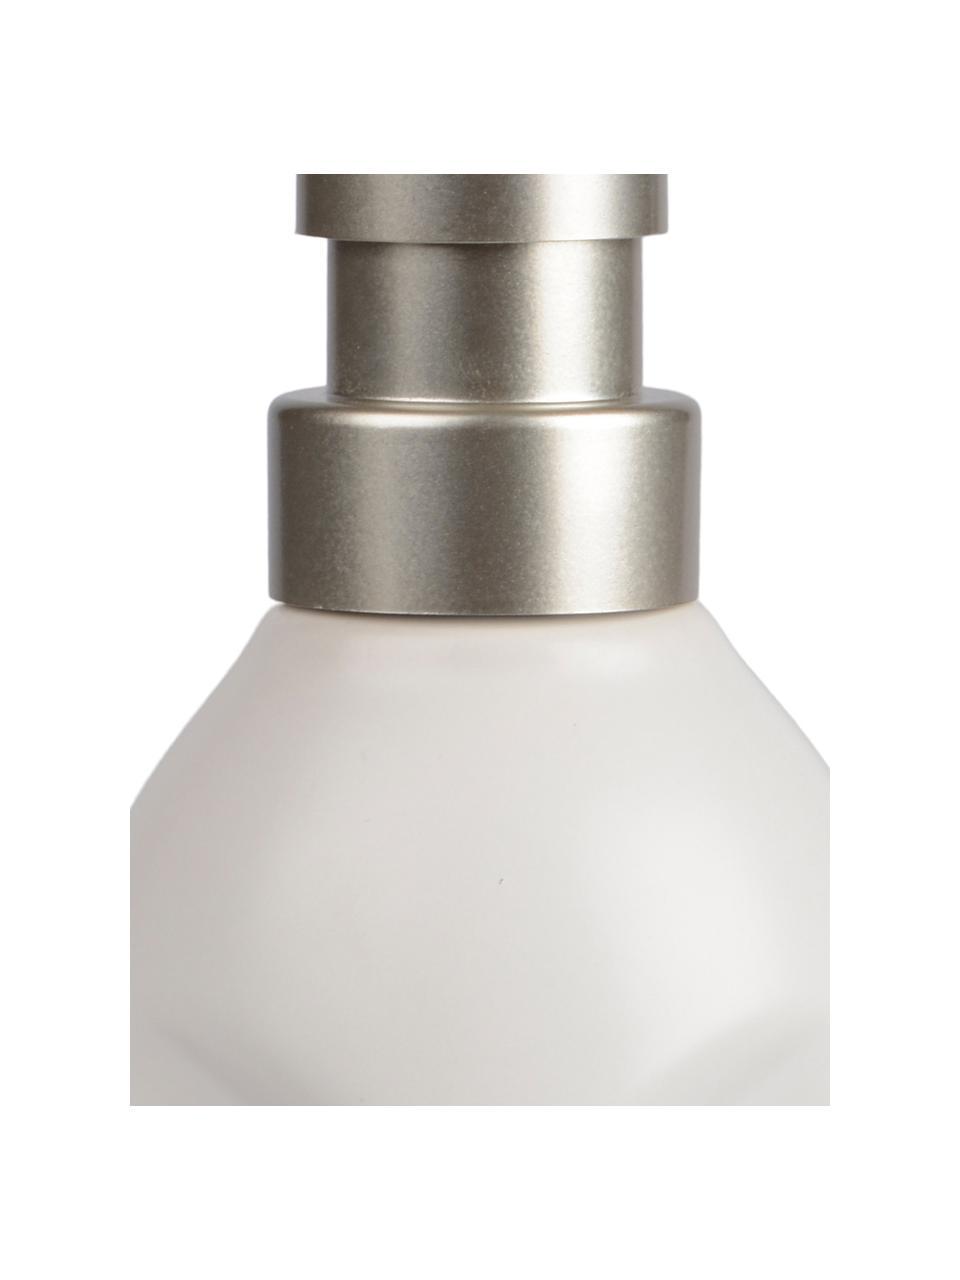 Dozownik do mydła Urban, Biały, metal, Ø 7 x W 19 cm